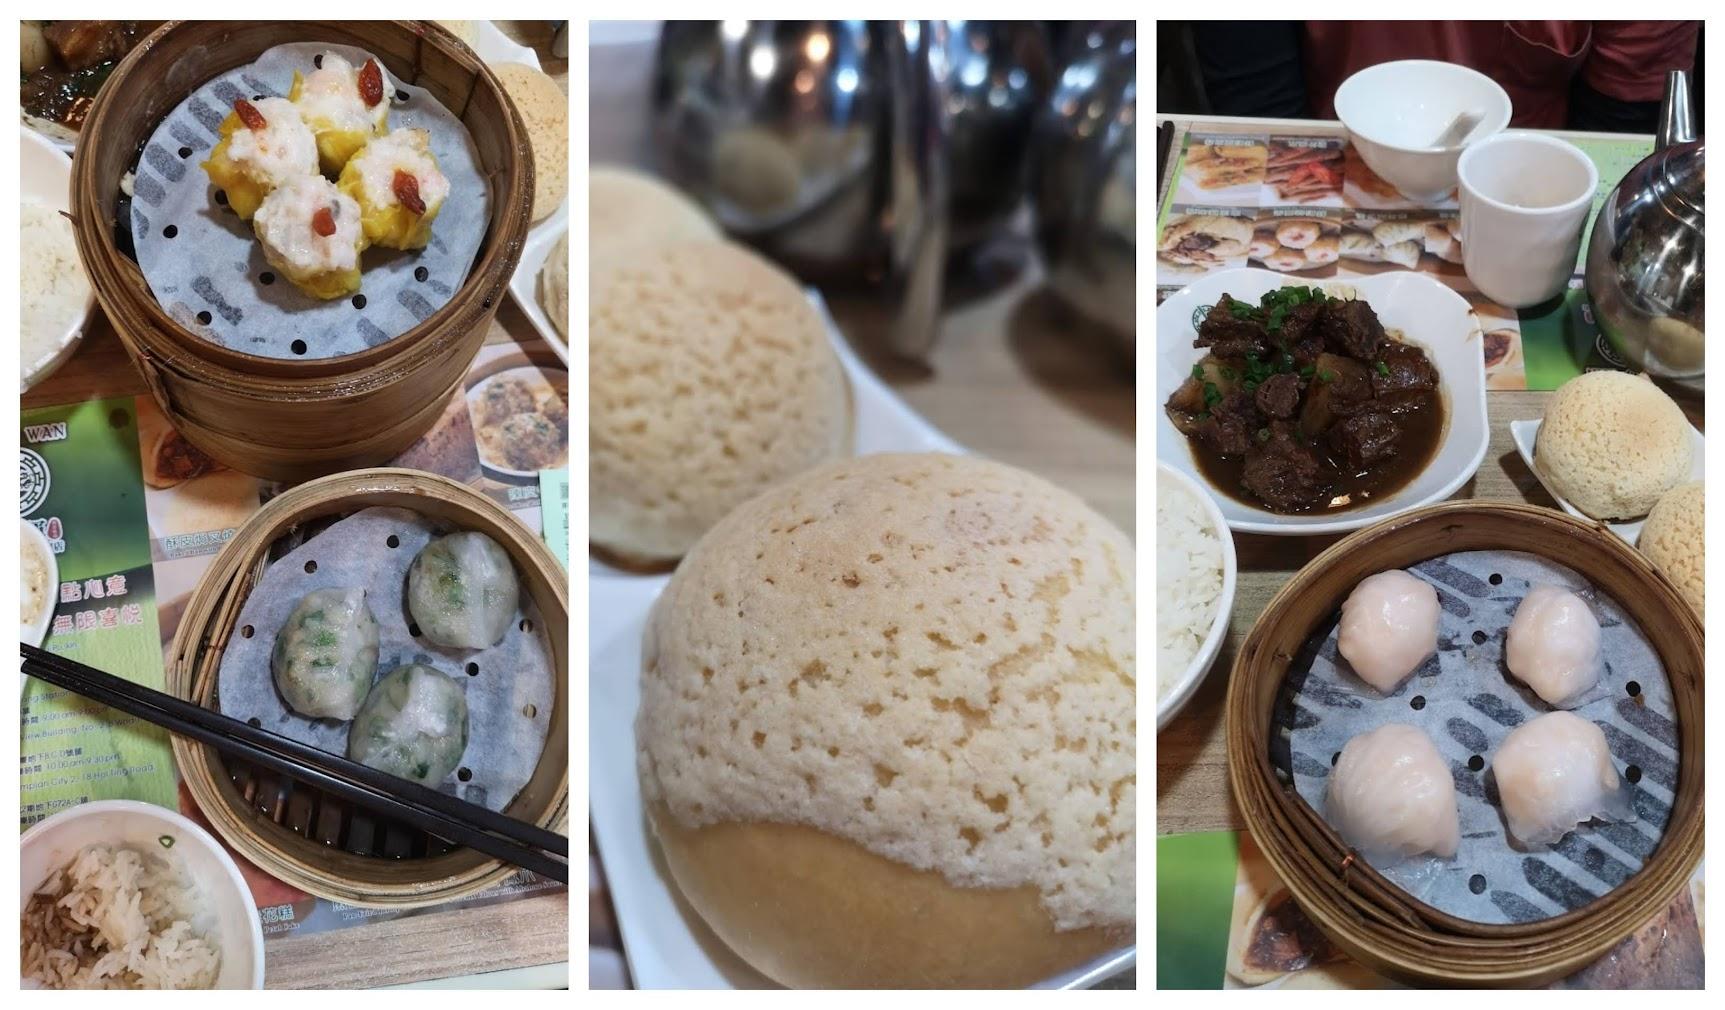 restaurante estrella michelin hong kong